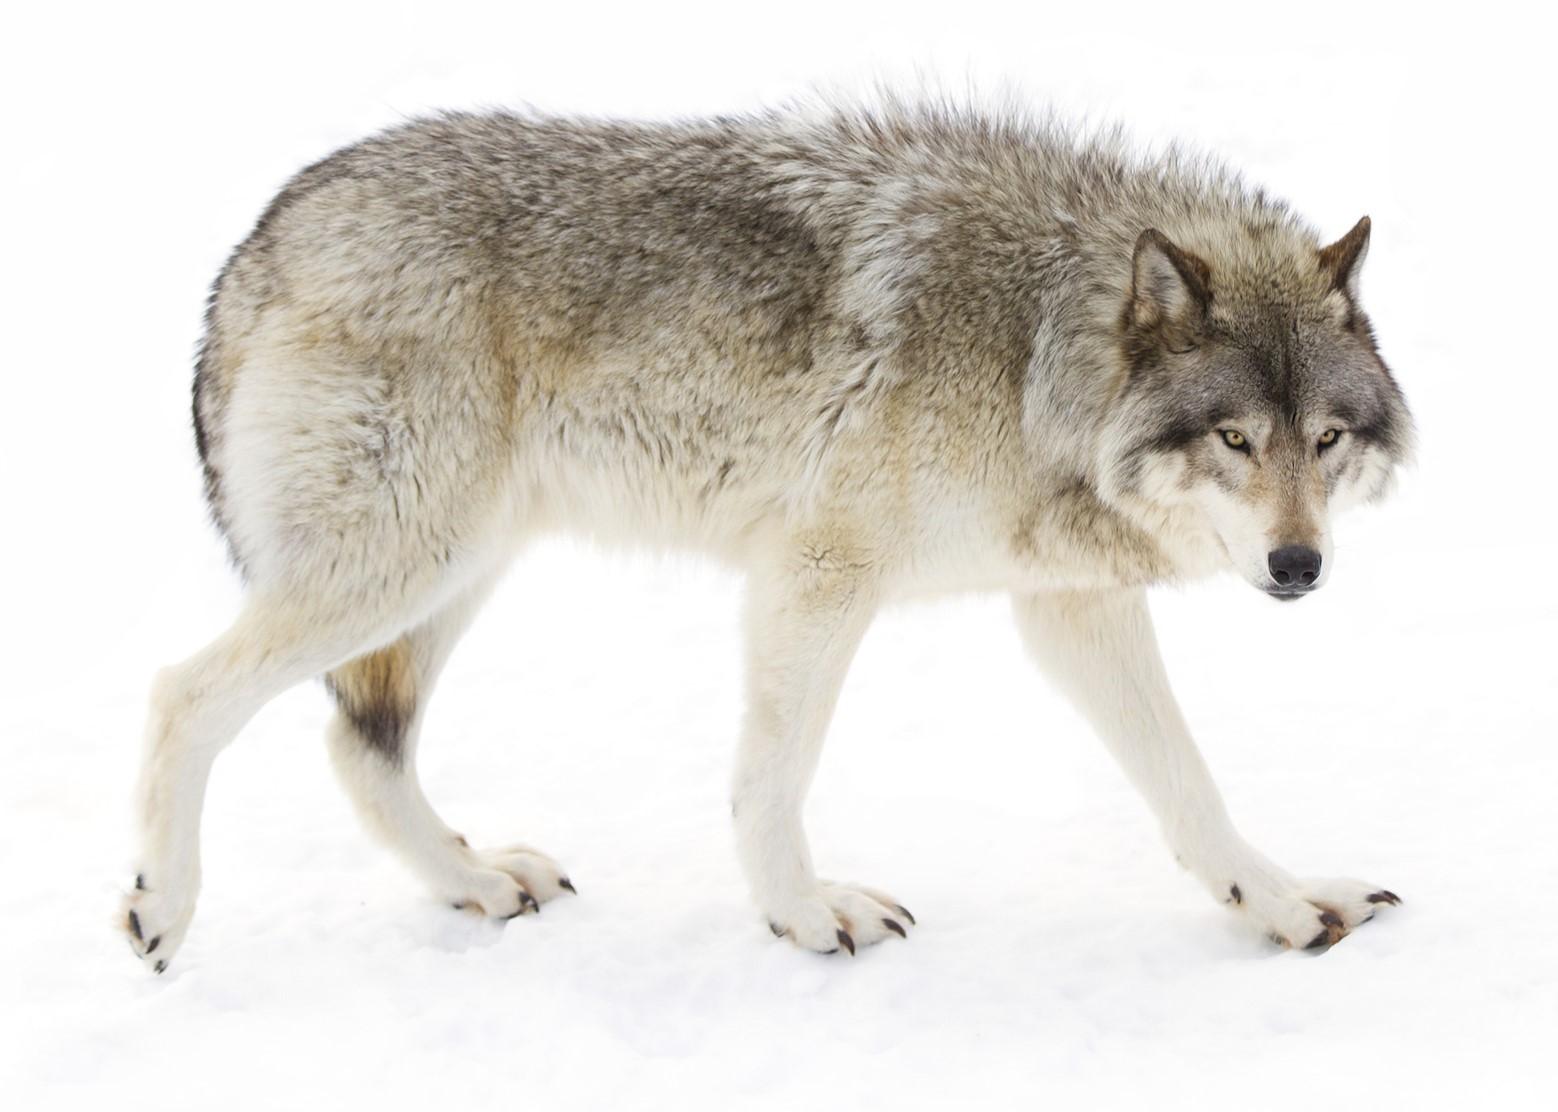 Bilder Vom Wolf - Kostenlos zum Ausdrucken